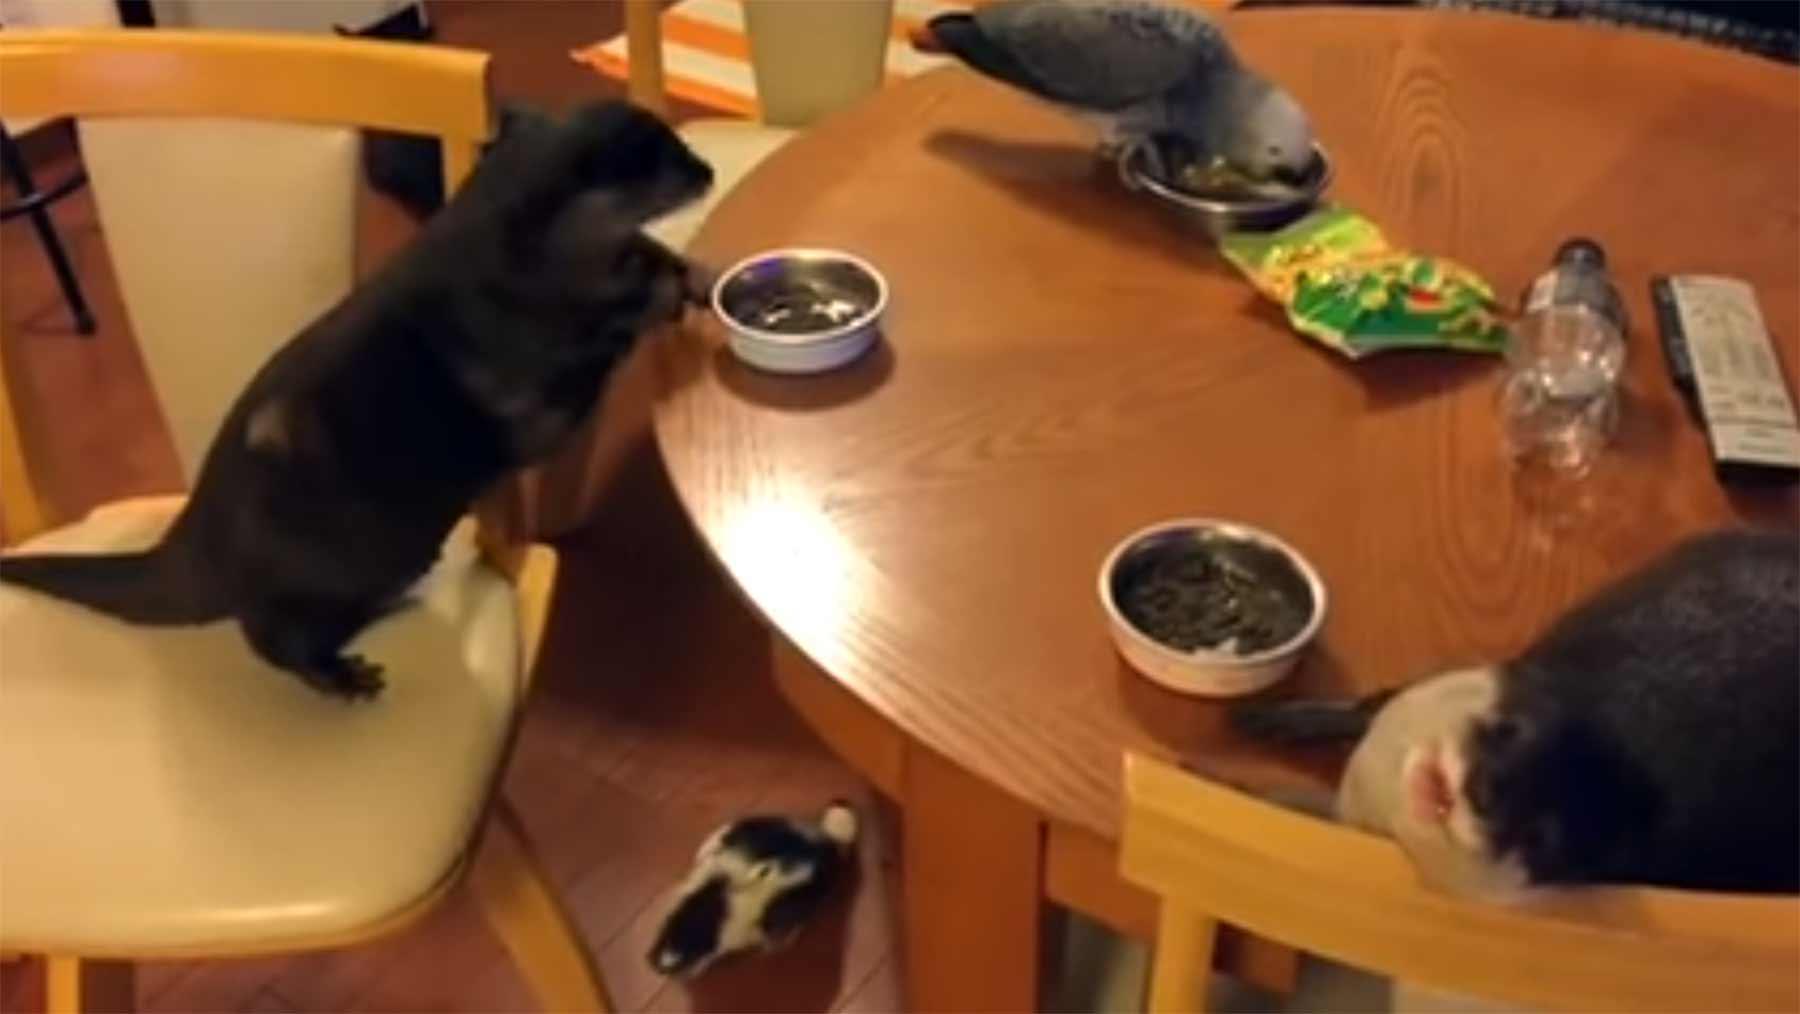 Nur zwei Otter, ein Papagei und eine Ente beim gemeinsamen Frühstück